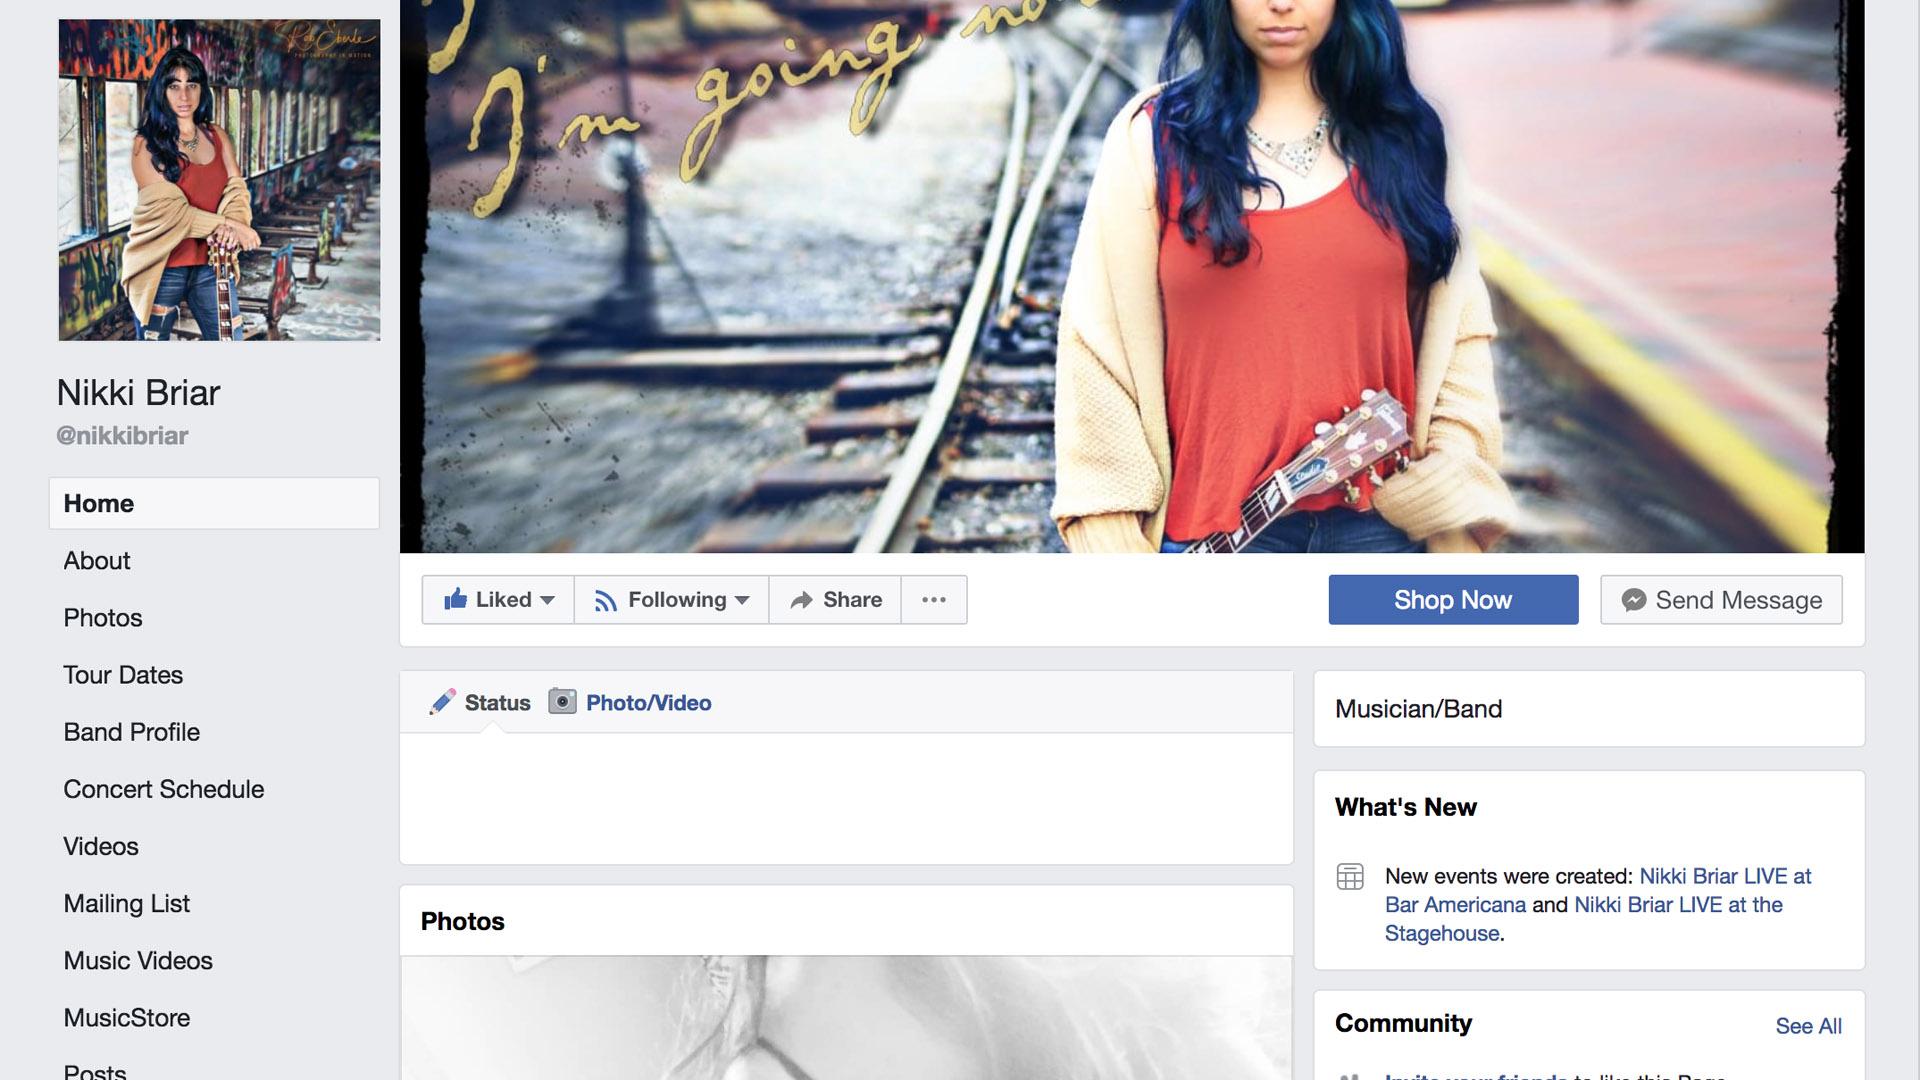 www.facebook.com/nikkibriar